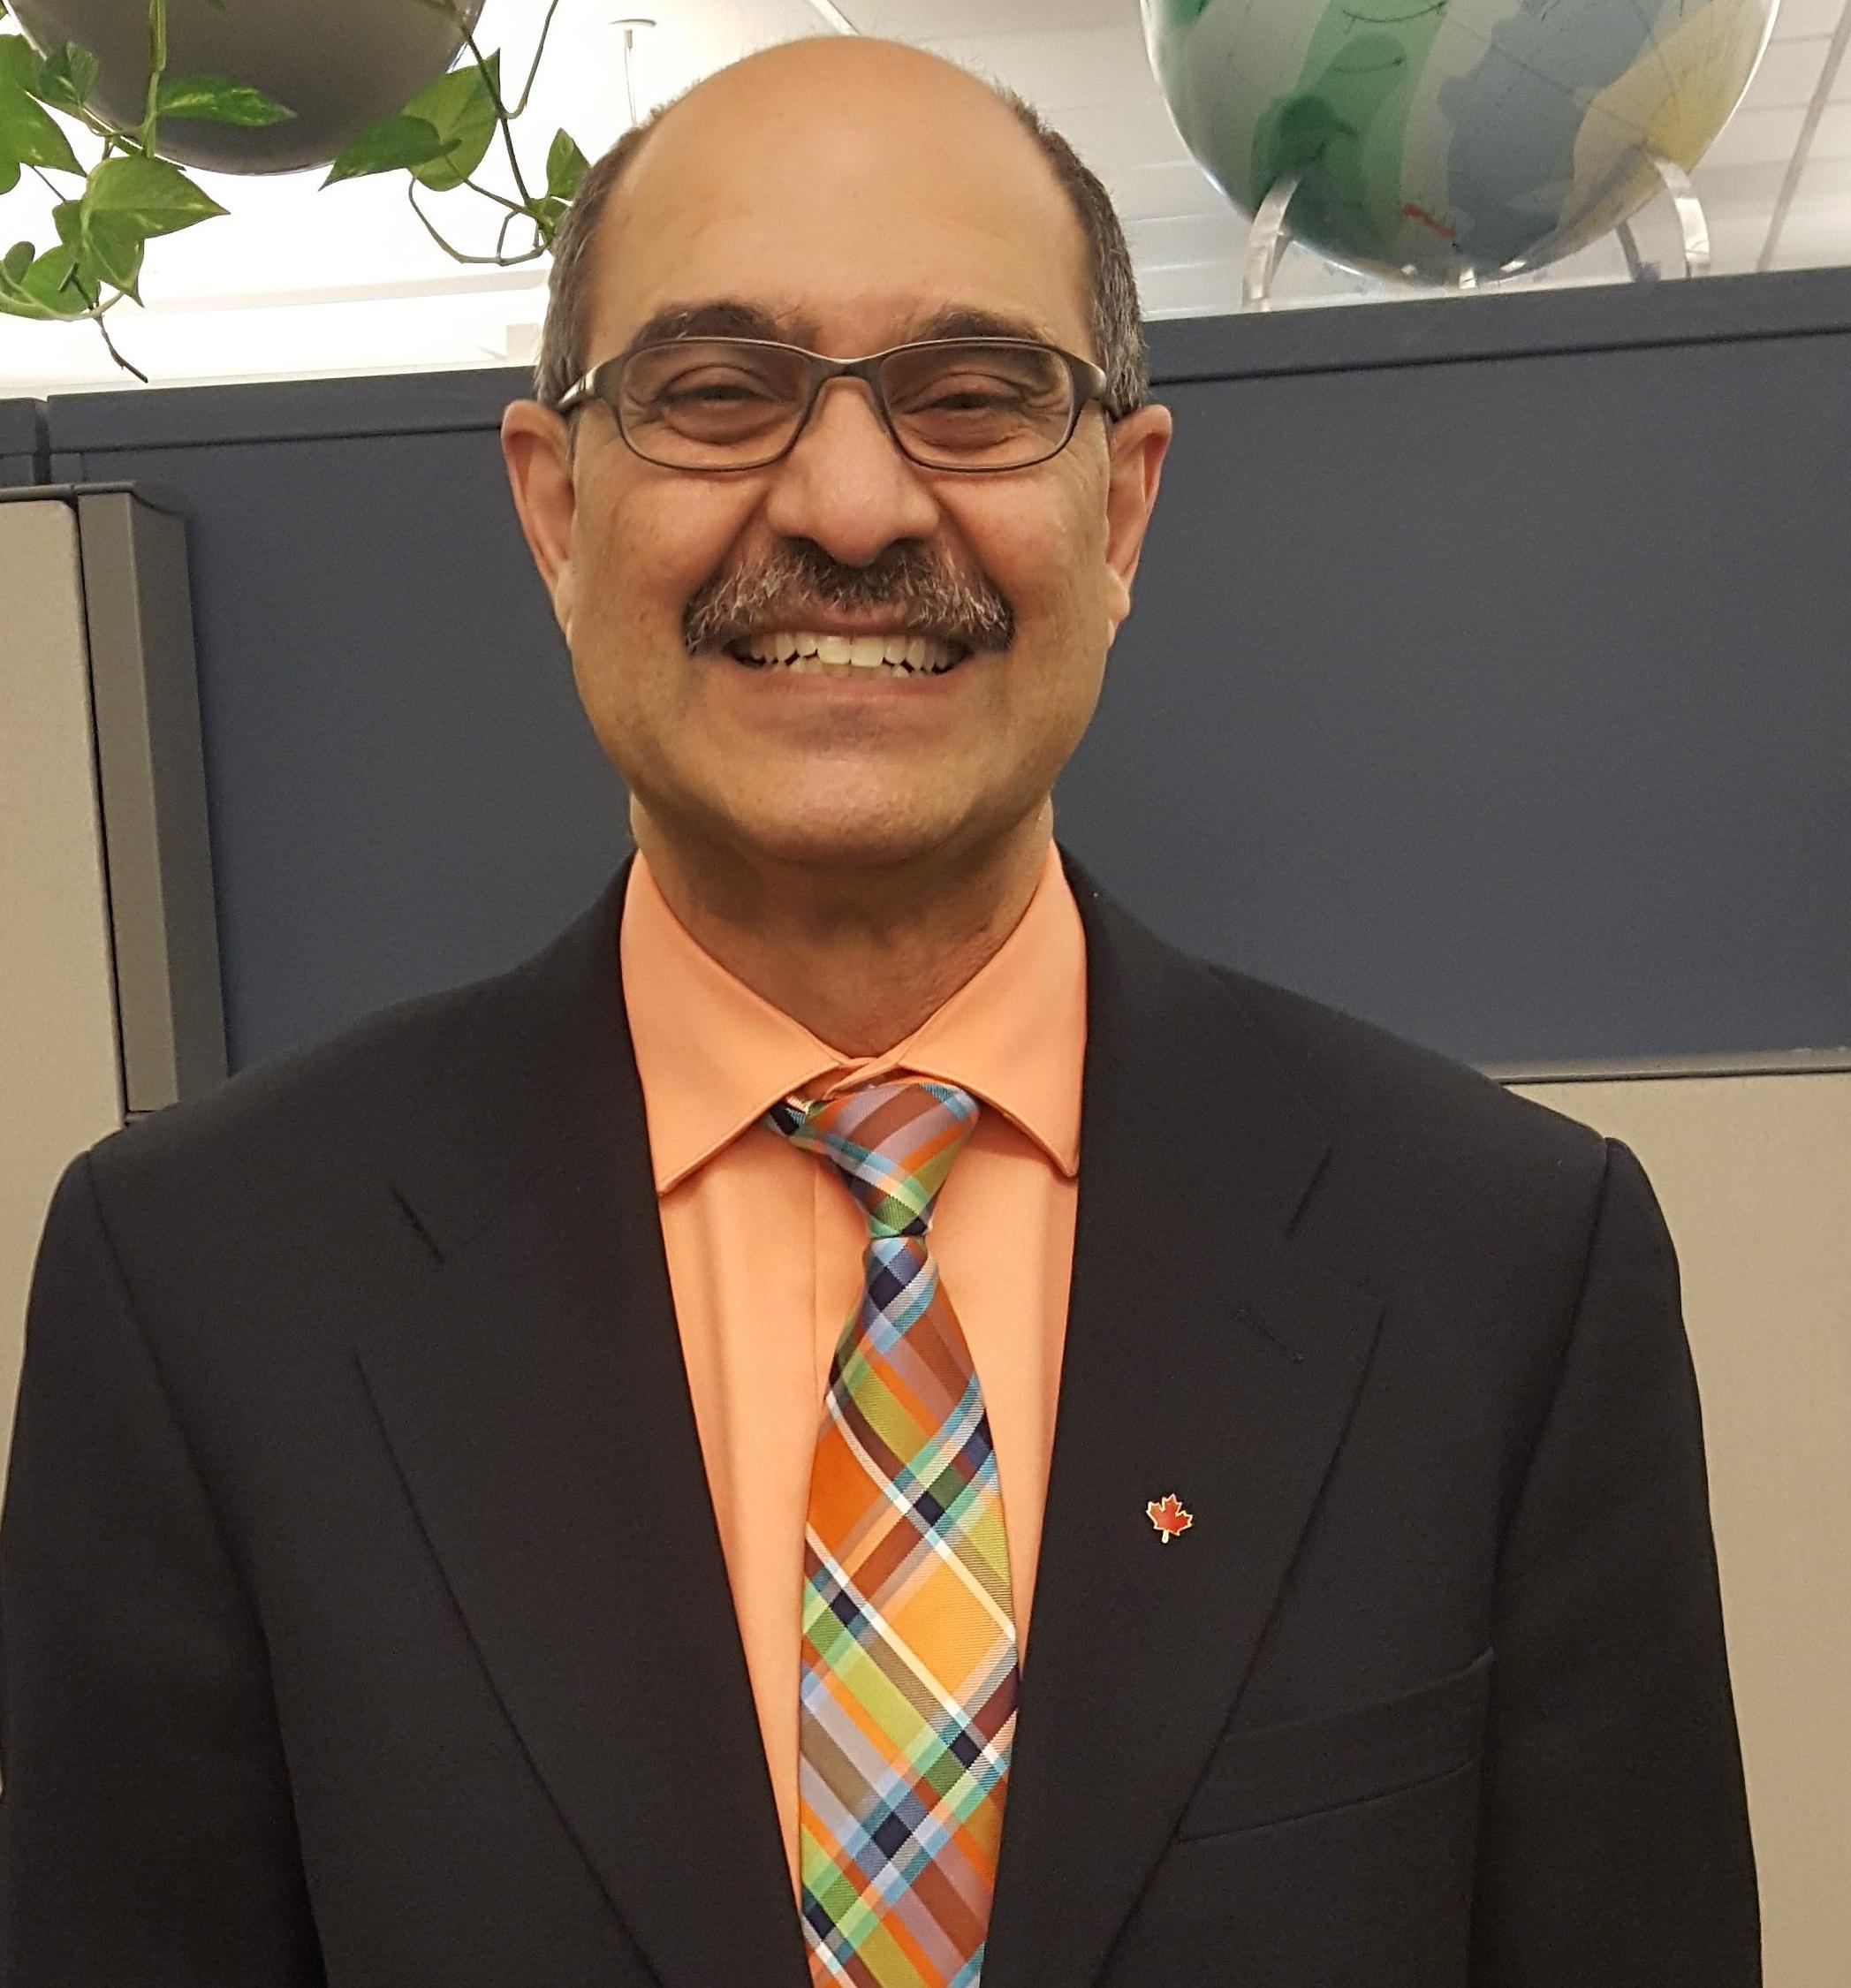 Karim Maherali